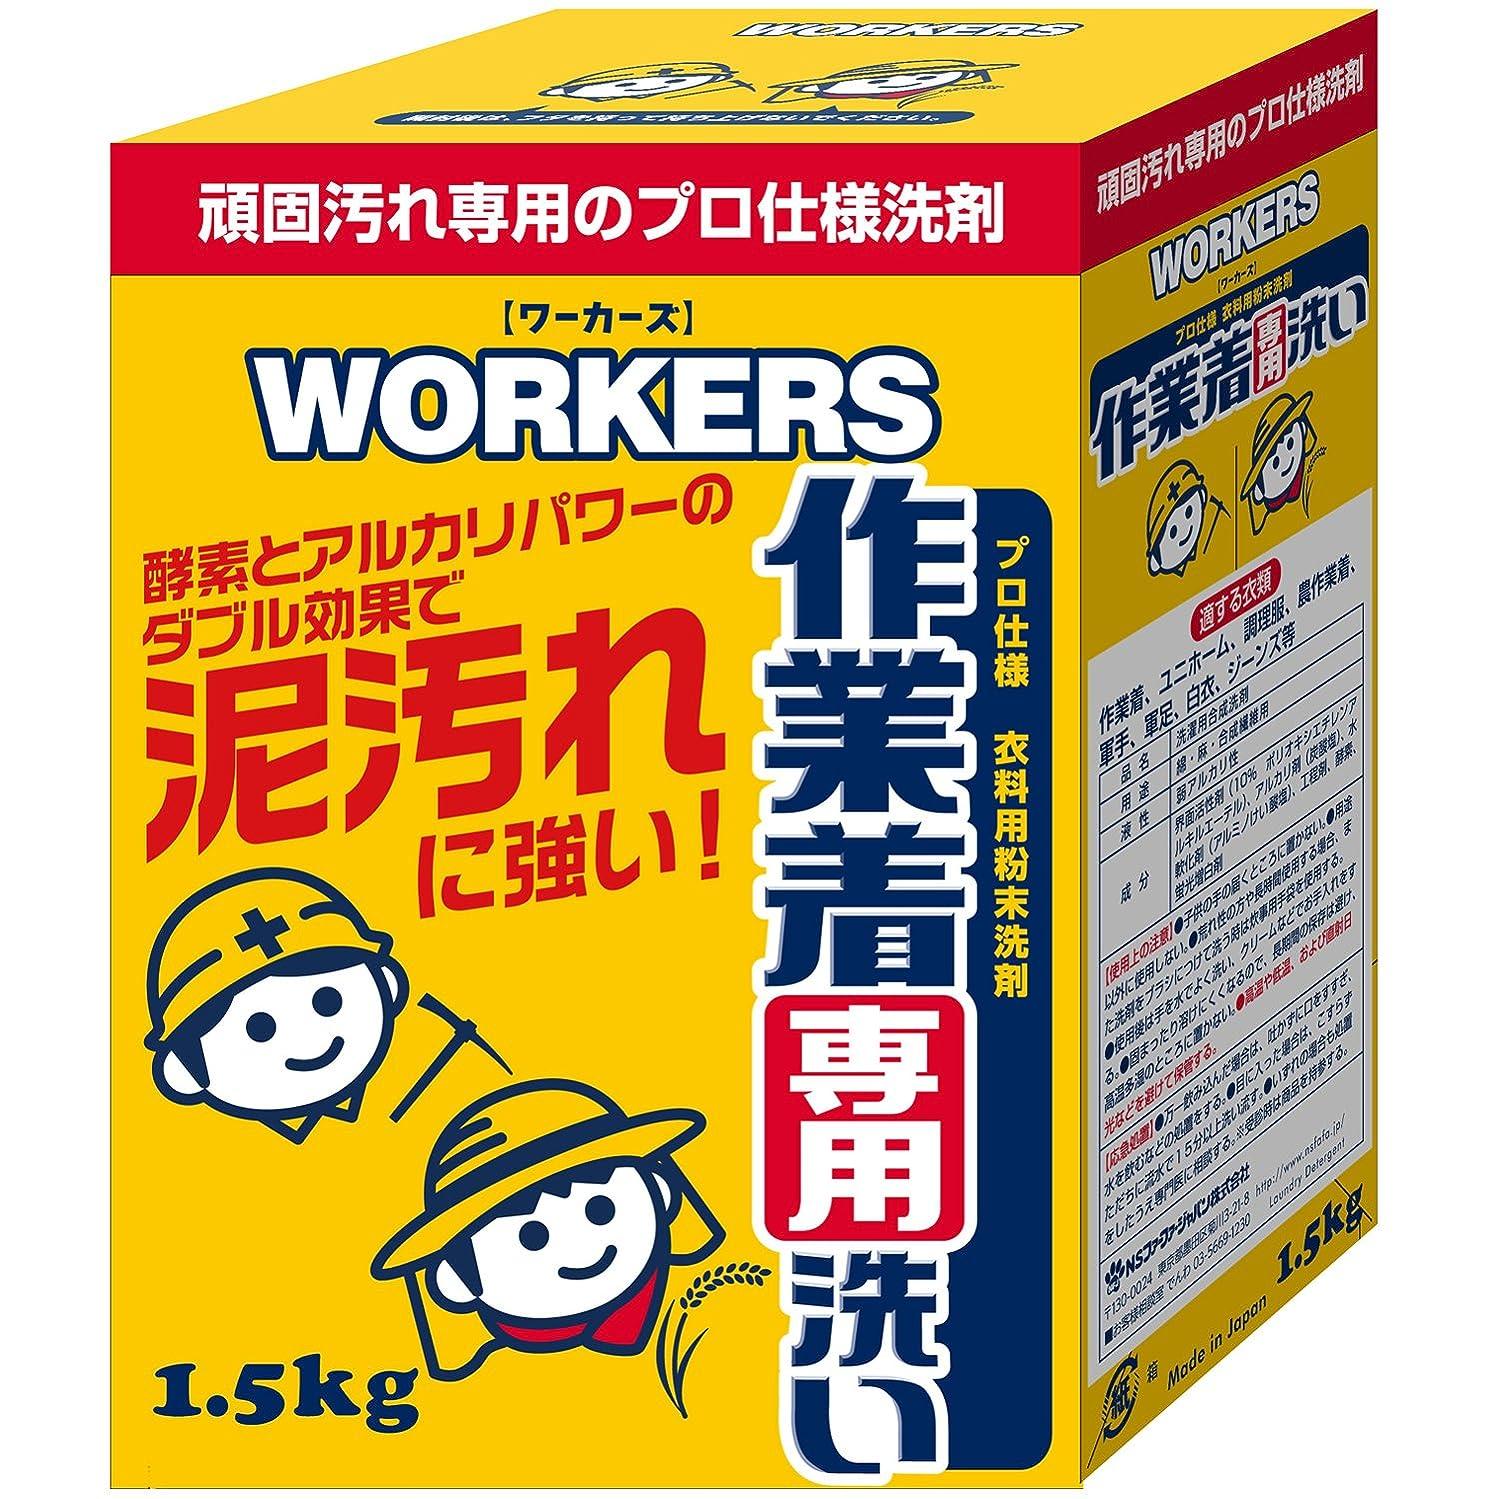 露出度の高いメカニック高いWORKERS 作業着専用洗い 粉末洗剤 1.5kg (泥汚れ用)